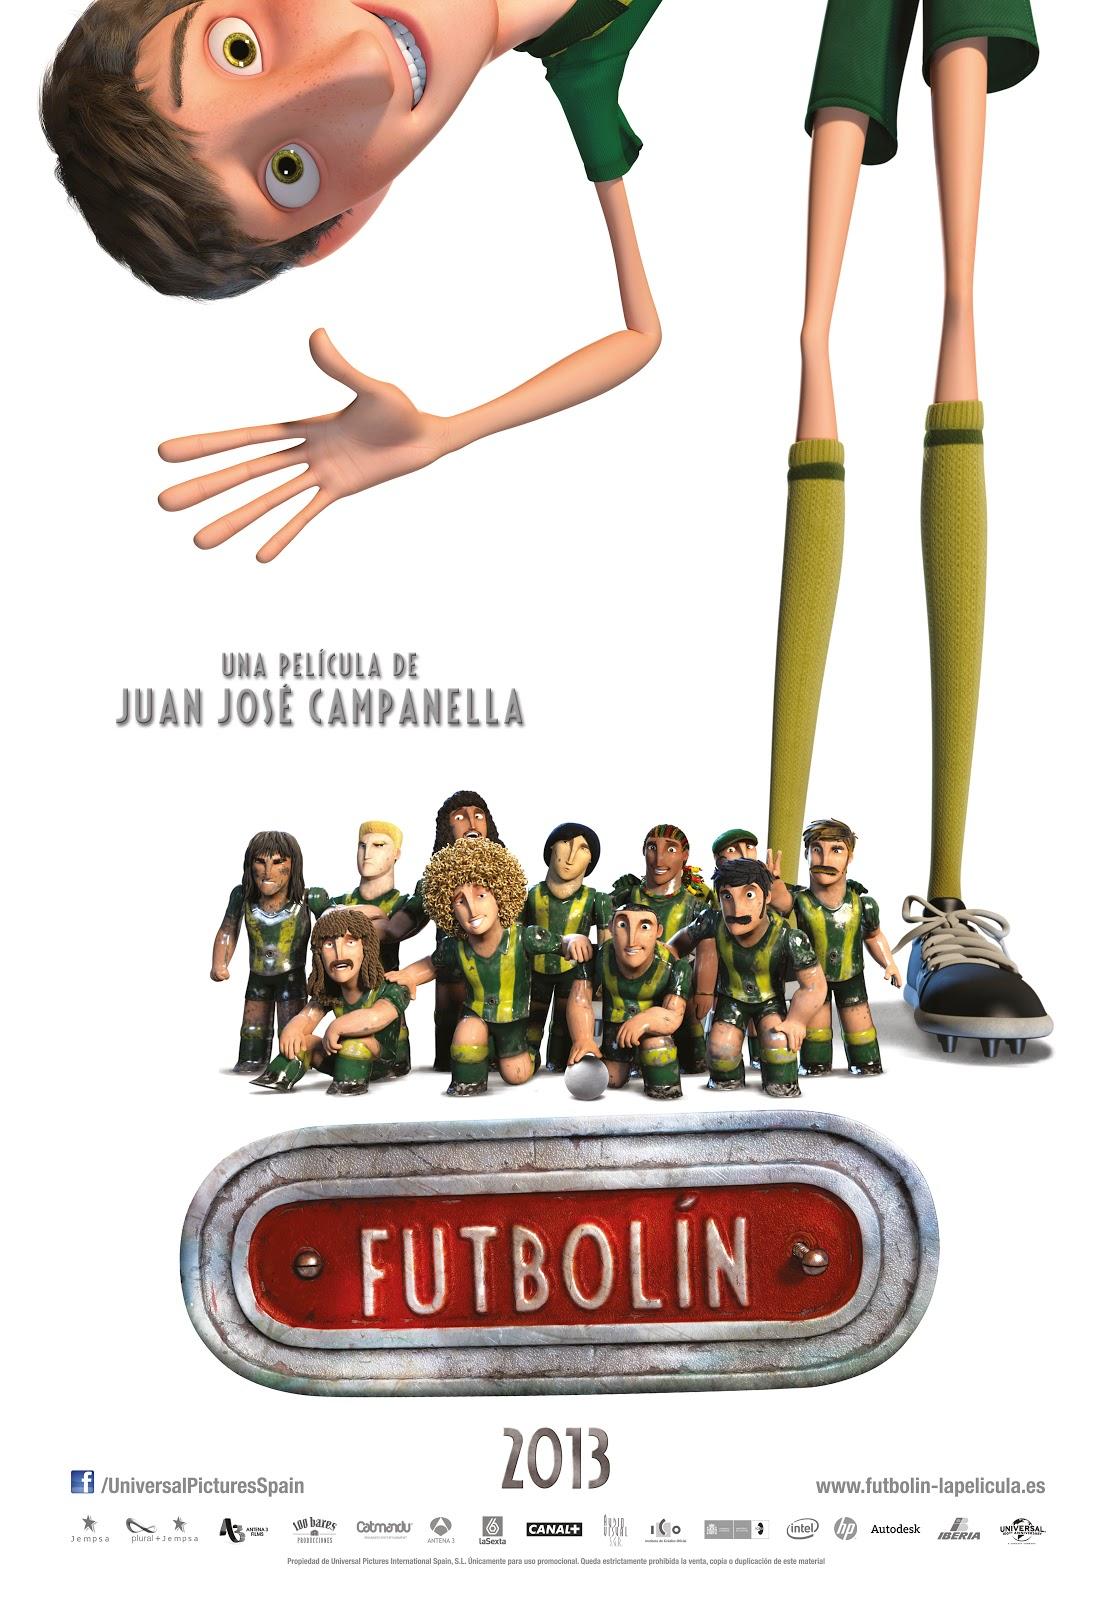 http://1.bp.blogspot.com/-I1syl5SQuAU/UbhjEQYblGI/AAAAAAAAALc/EIrXVGEgkLc/s1600/futbolin.jpg